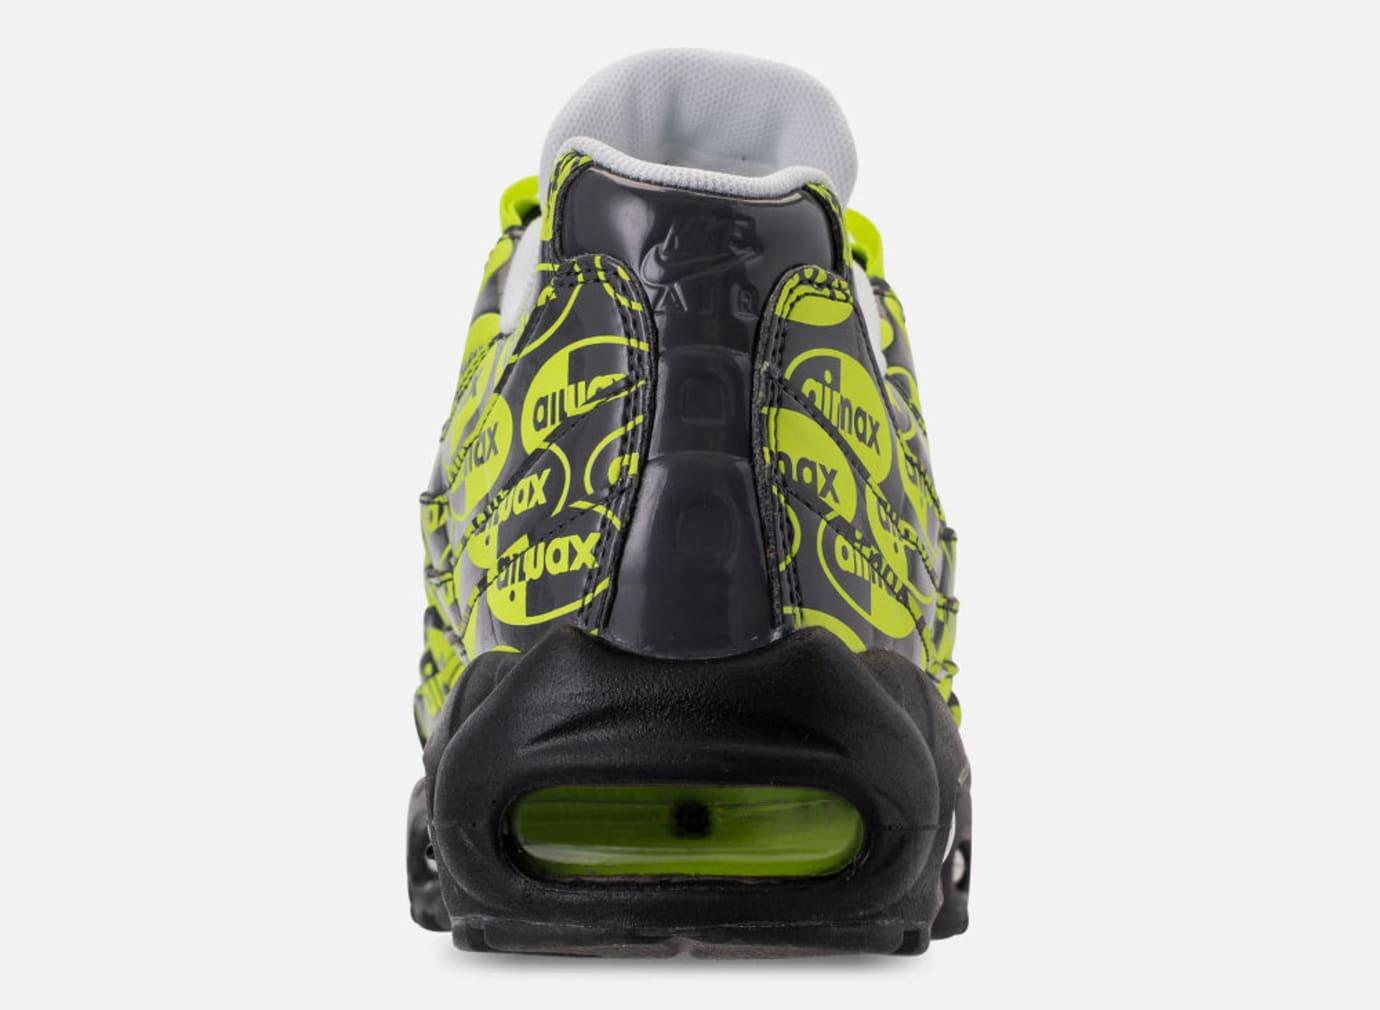 Nike Air Max 95 'Black/Volt/Ash White' 538416-019 (Heel)